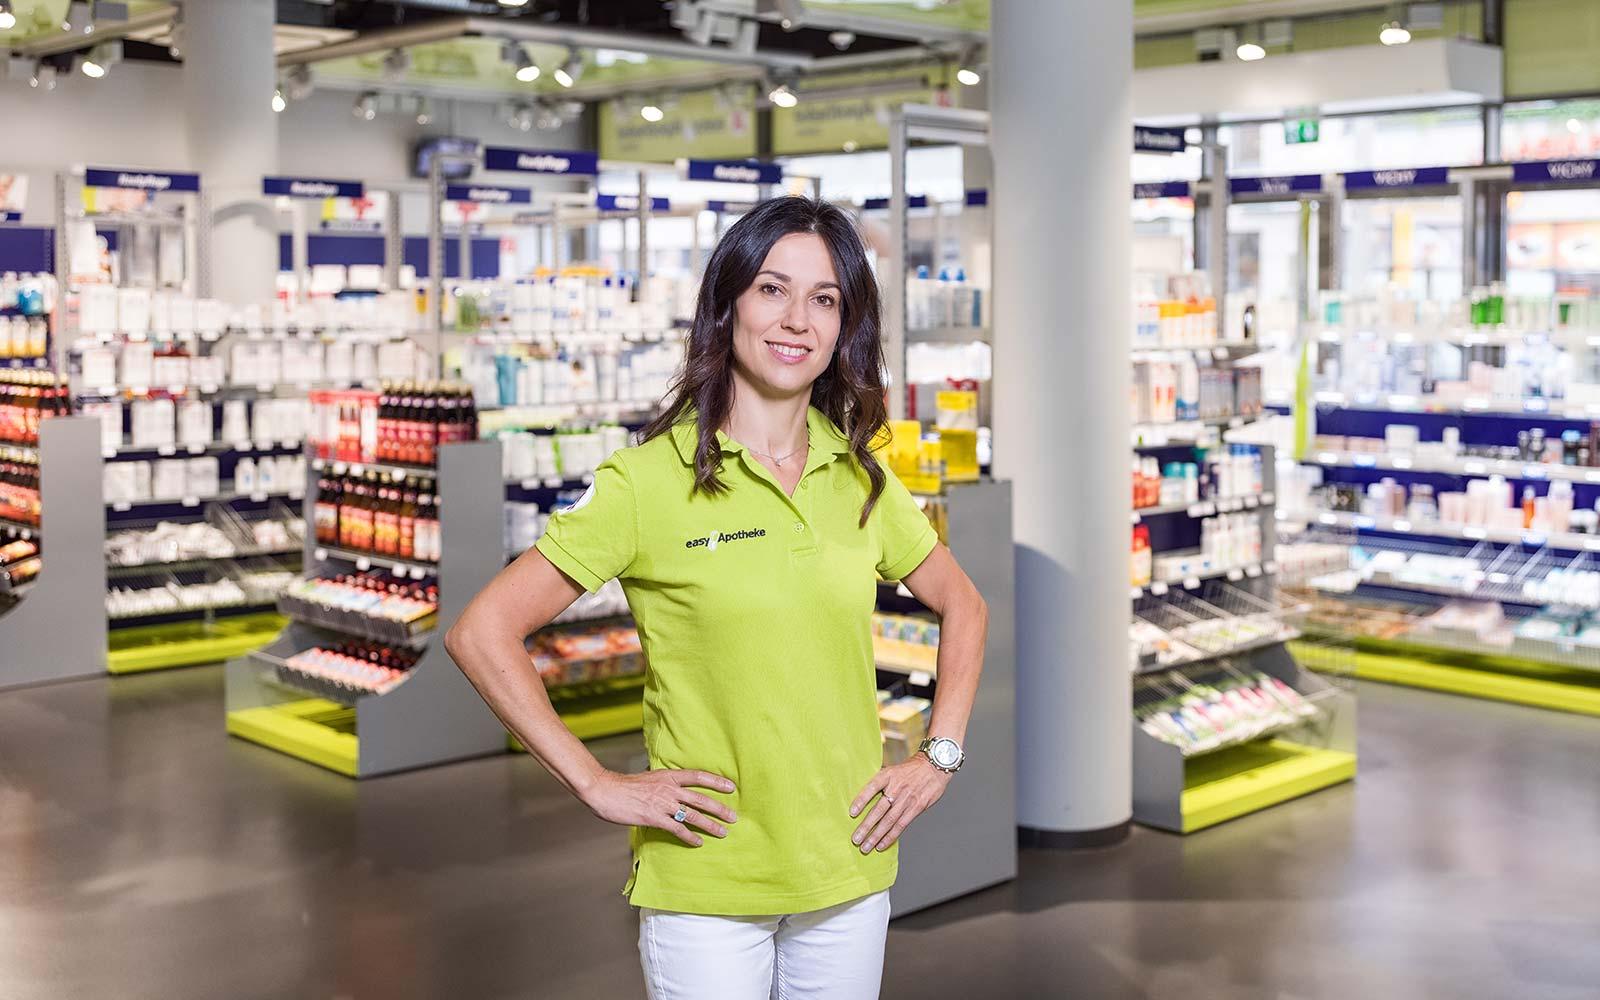 Apothekerin Alexandra Gerhard im Verkaufsraum Ihrer easyApotheke in Löbtau bei Dresden